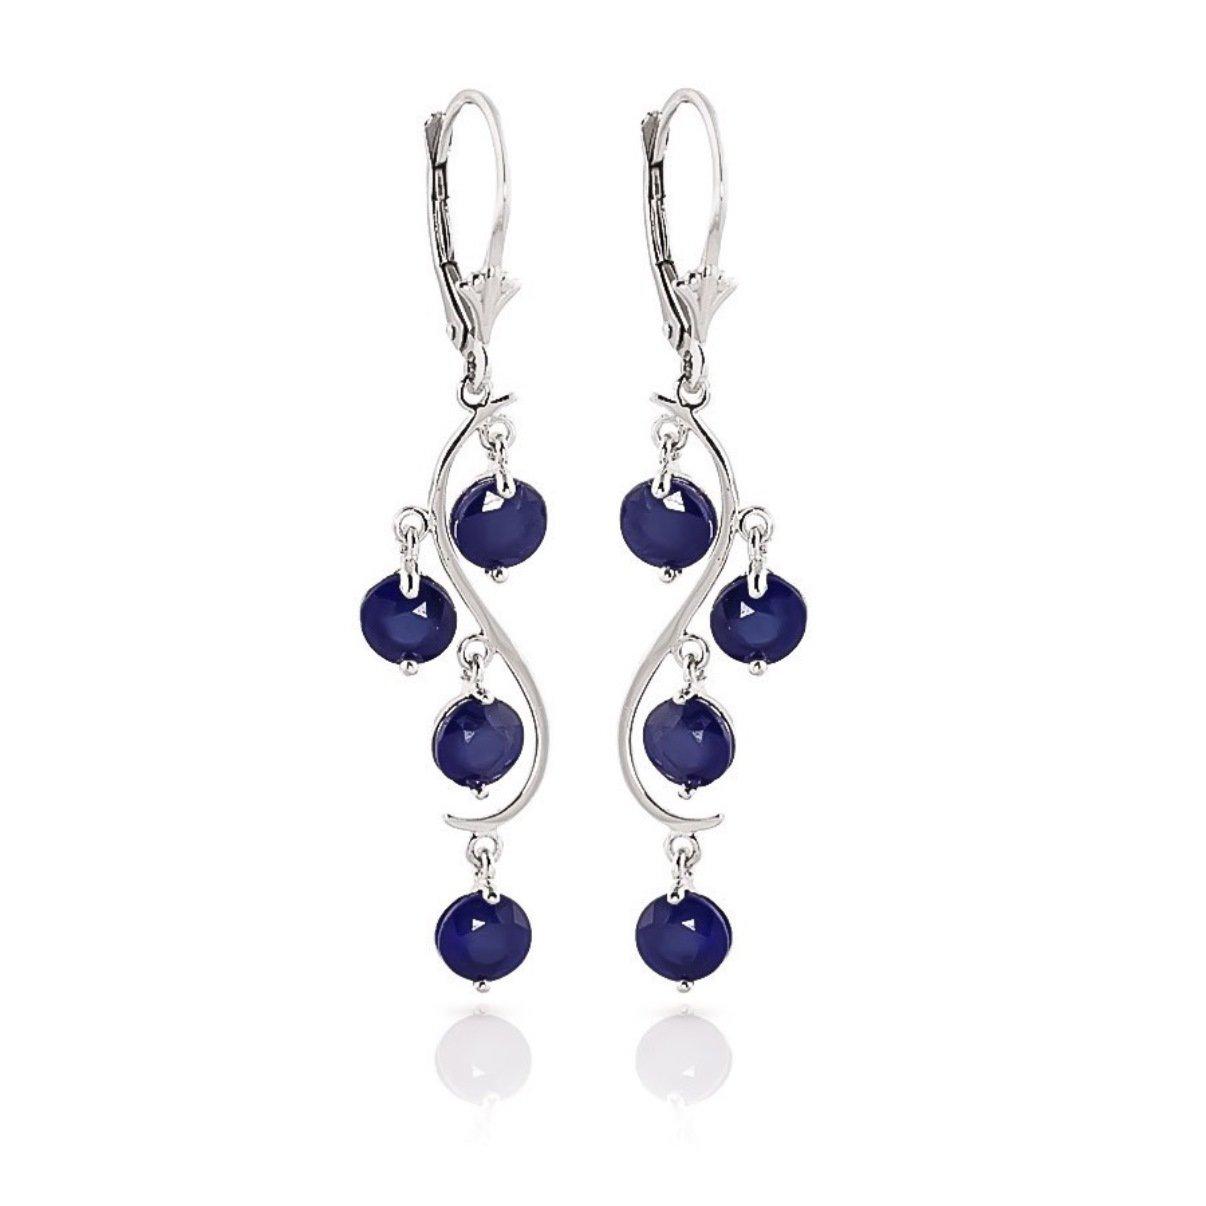 September Birthstone Sapphire Chandelier Earrings 14k White Gold 2093-W